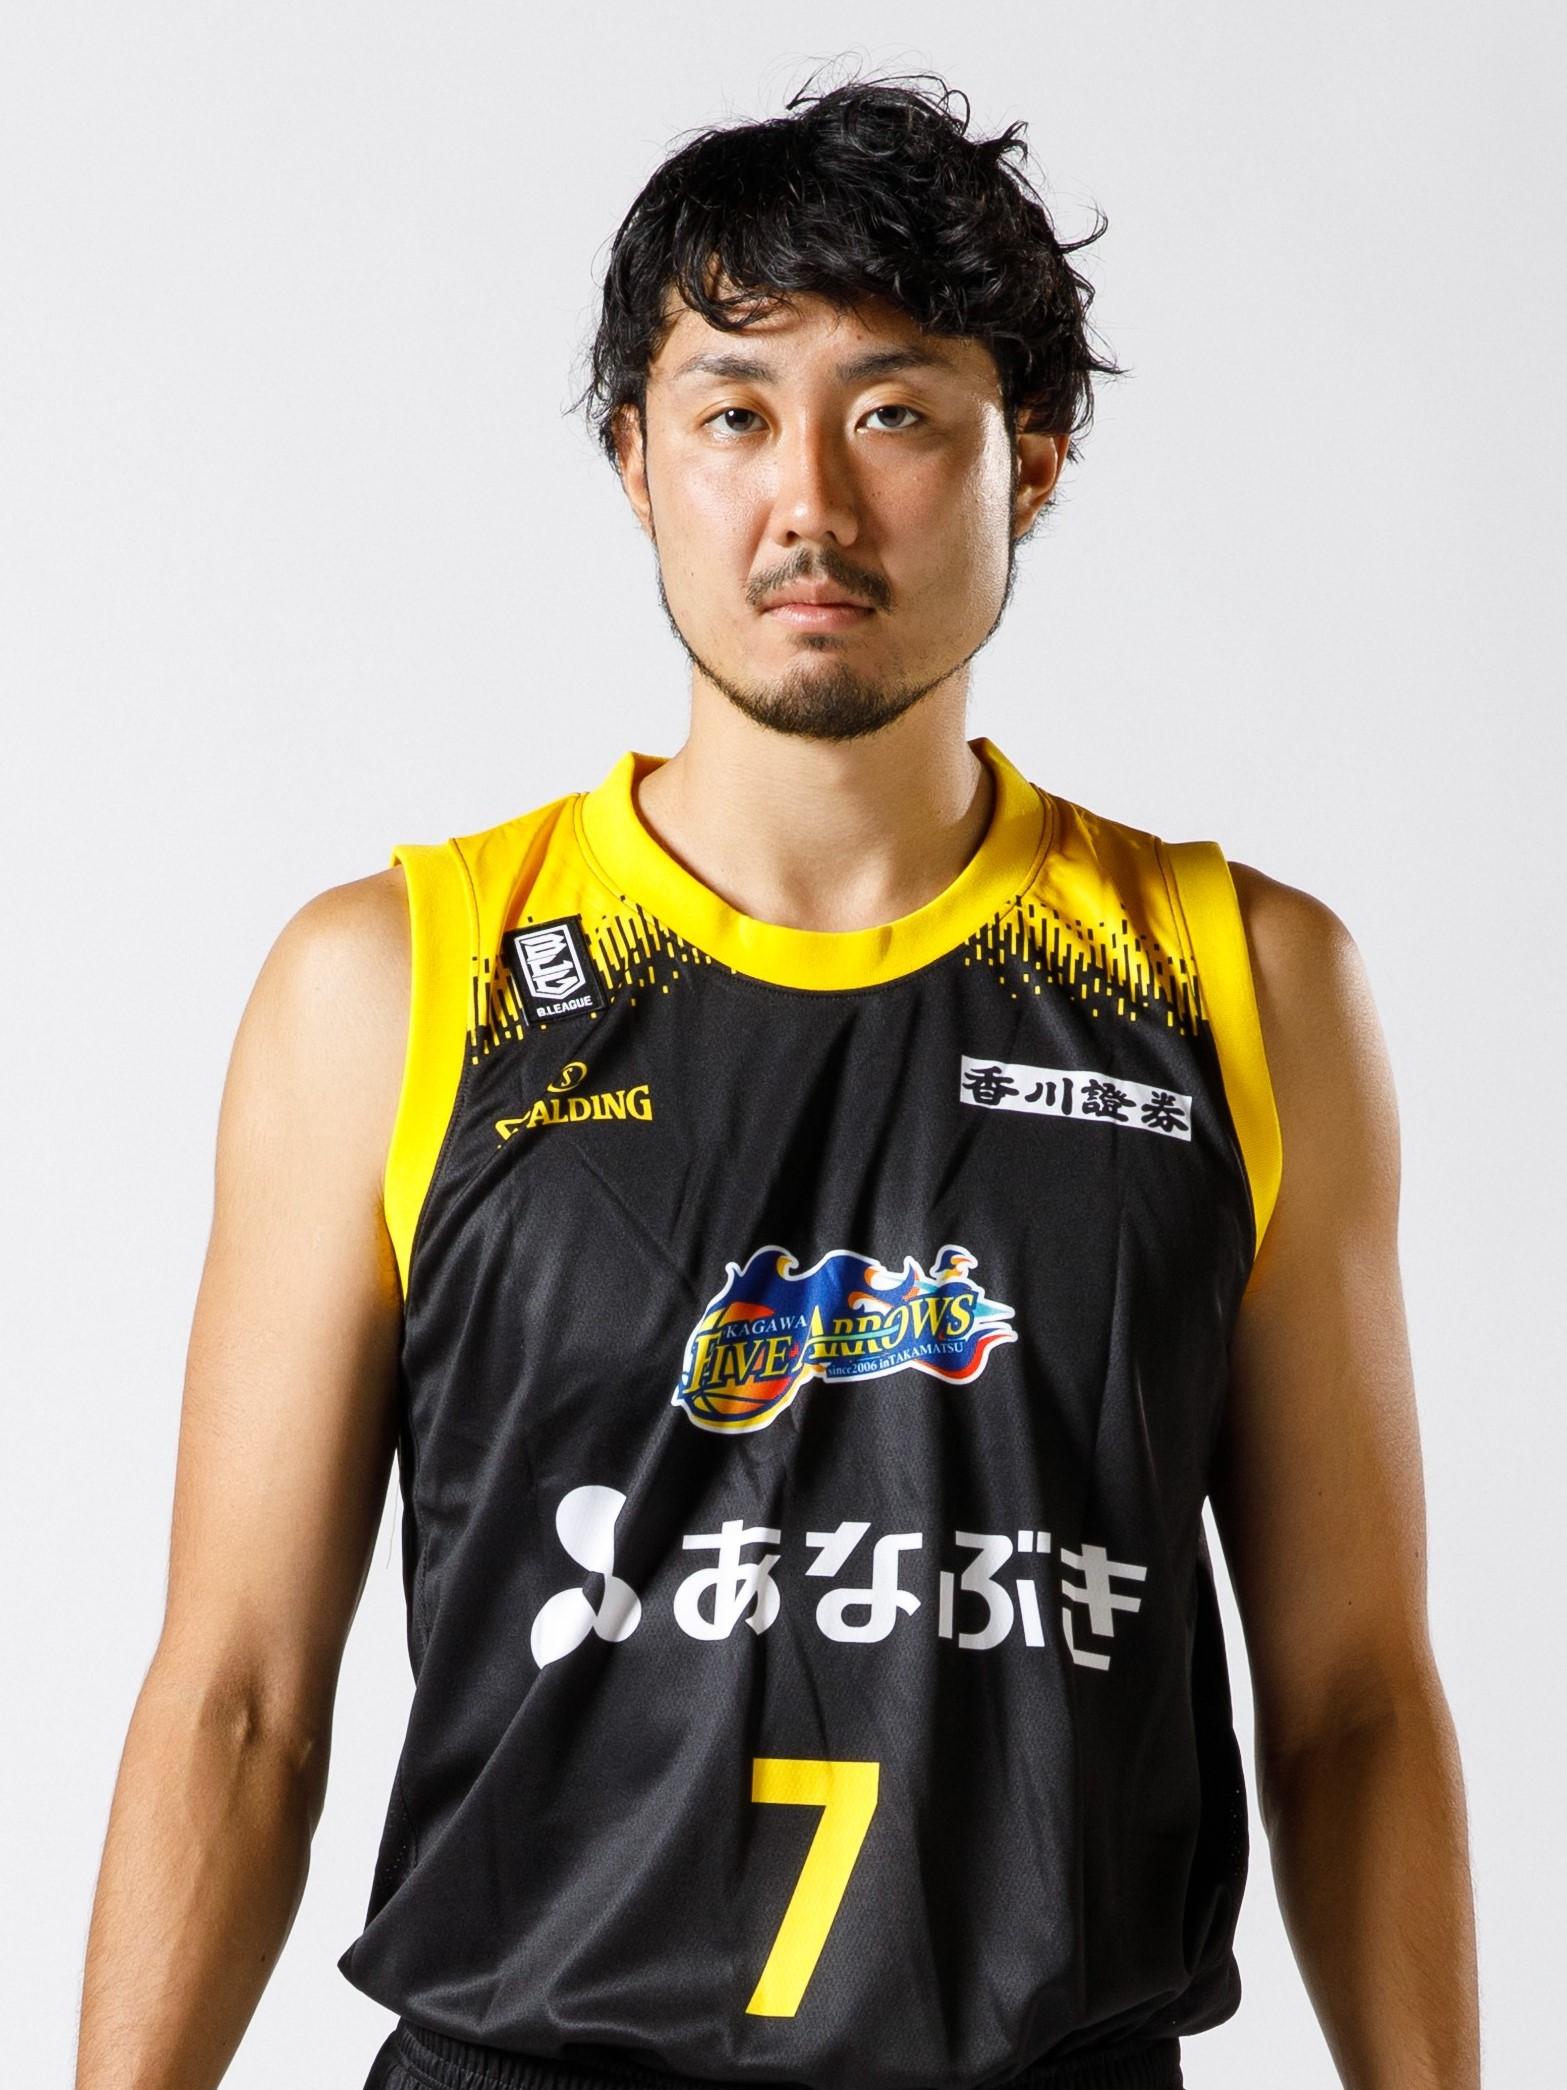 【香川ファイブアローズ】#7 筑波拓朗選手 負傷のお知らせ